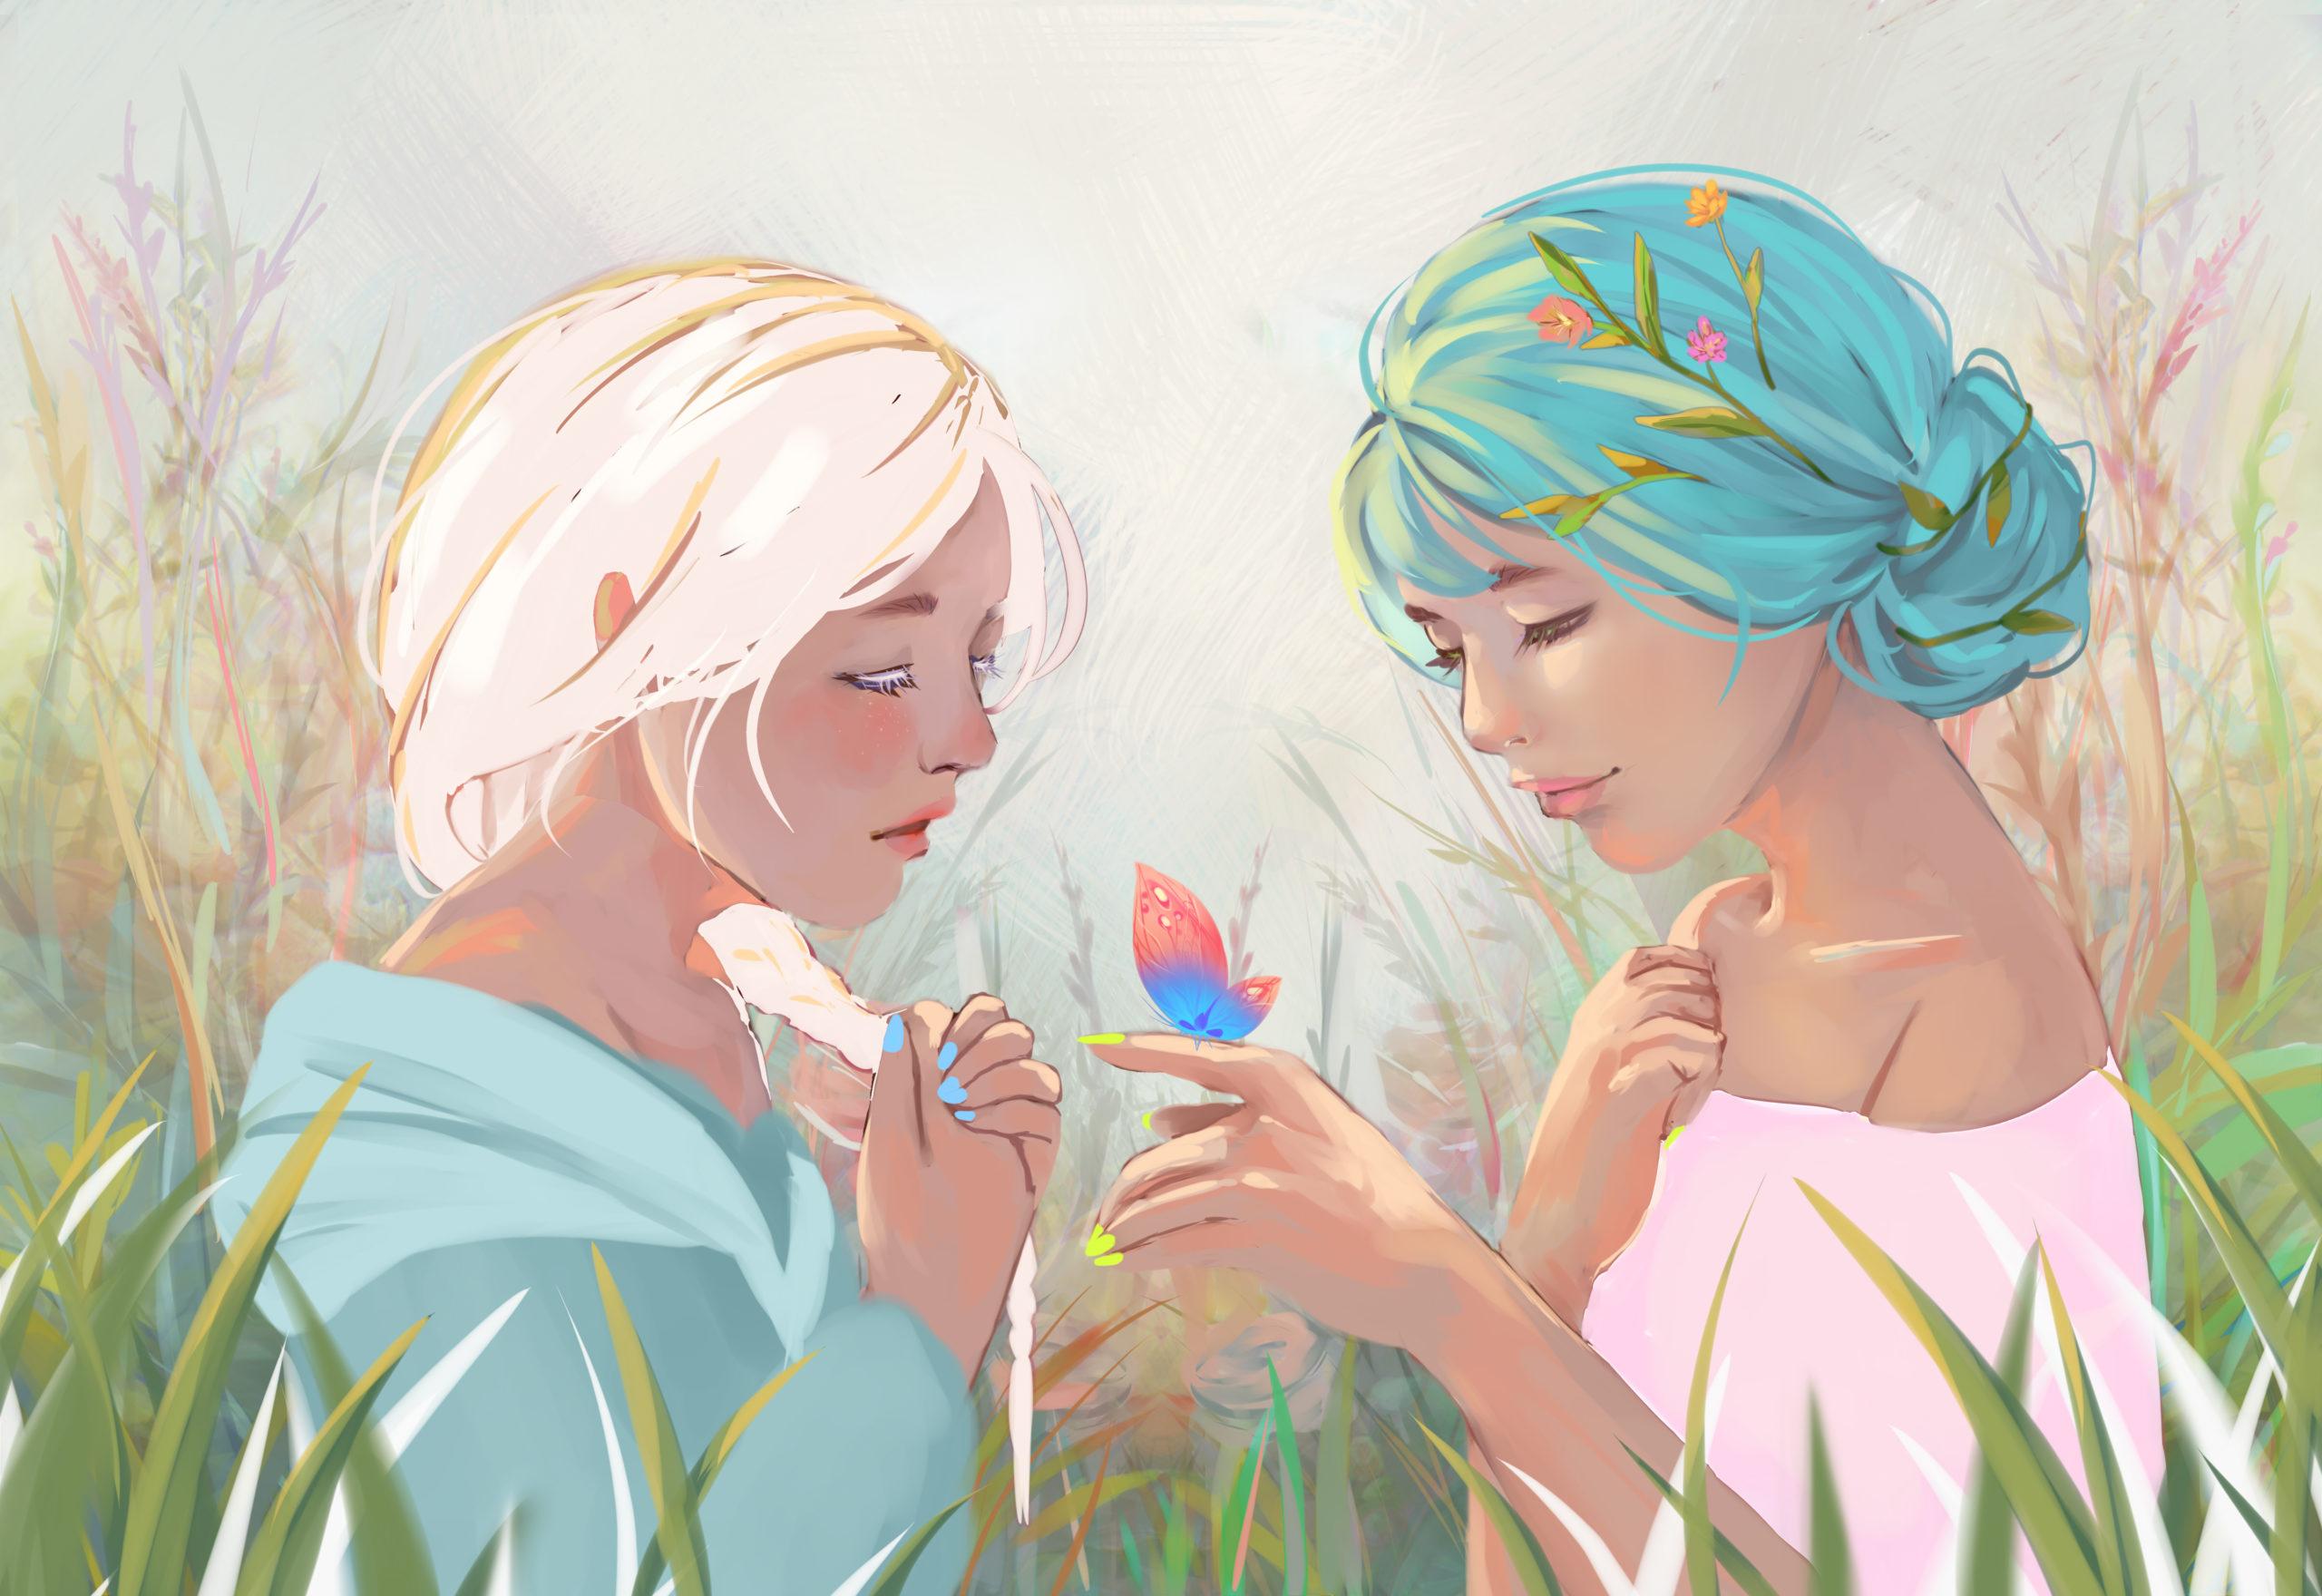 Vivaldi Four Seasons student artwork from MassArt, Sendem Sergelen